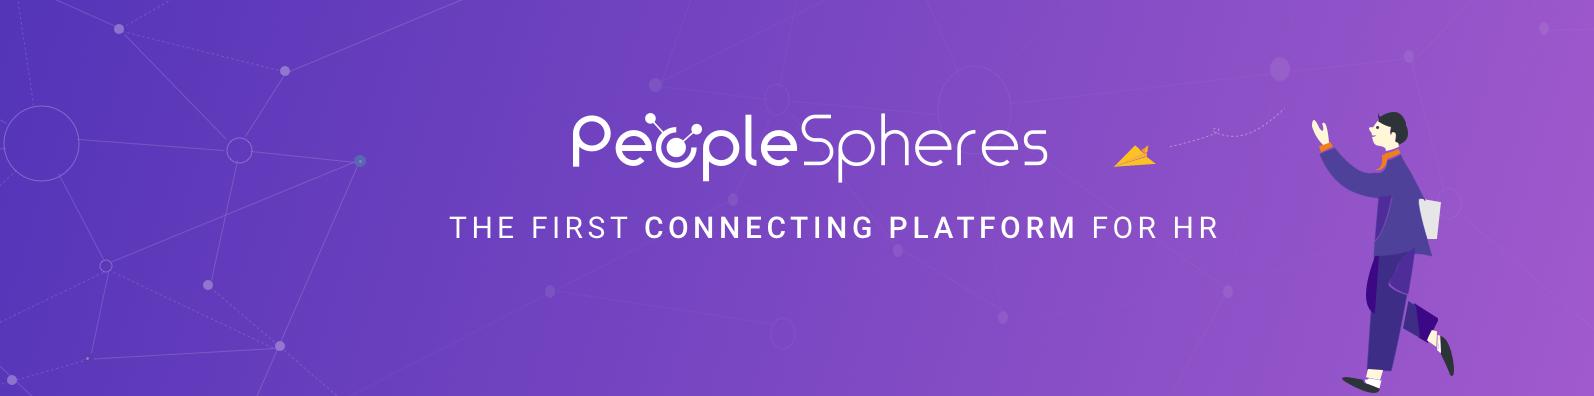 Avis PeopleSpheres : Connectez vos logiciels RH et automatisez vos processus - appvizer